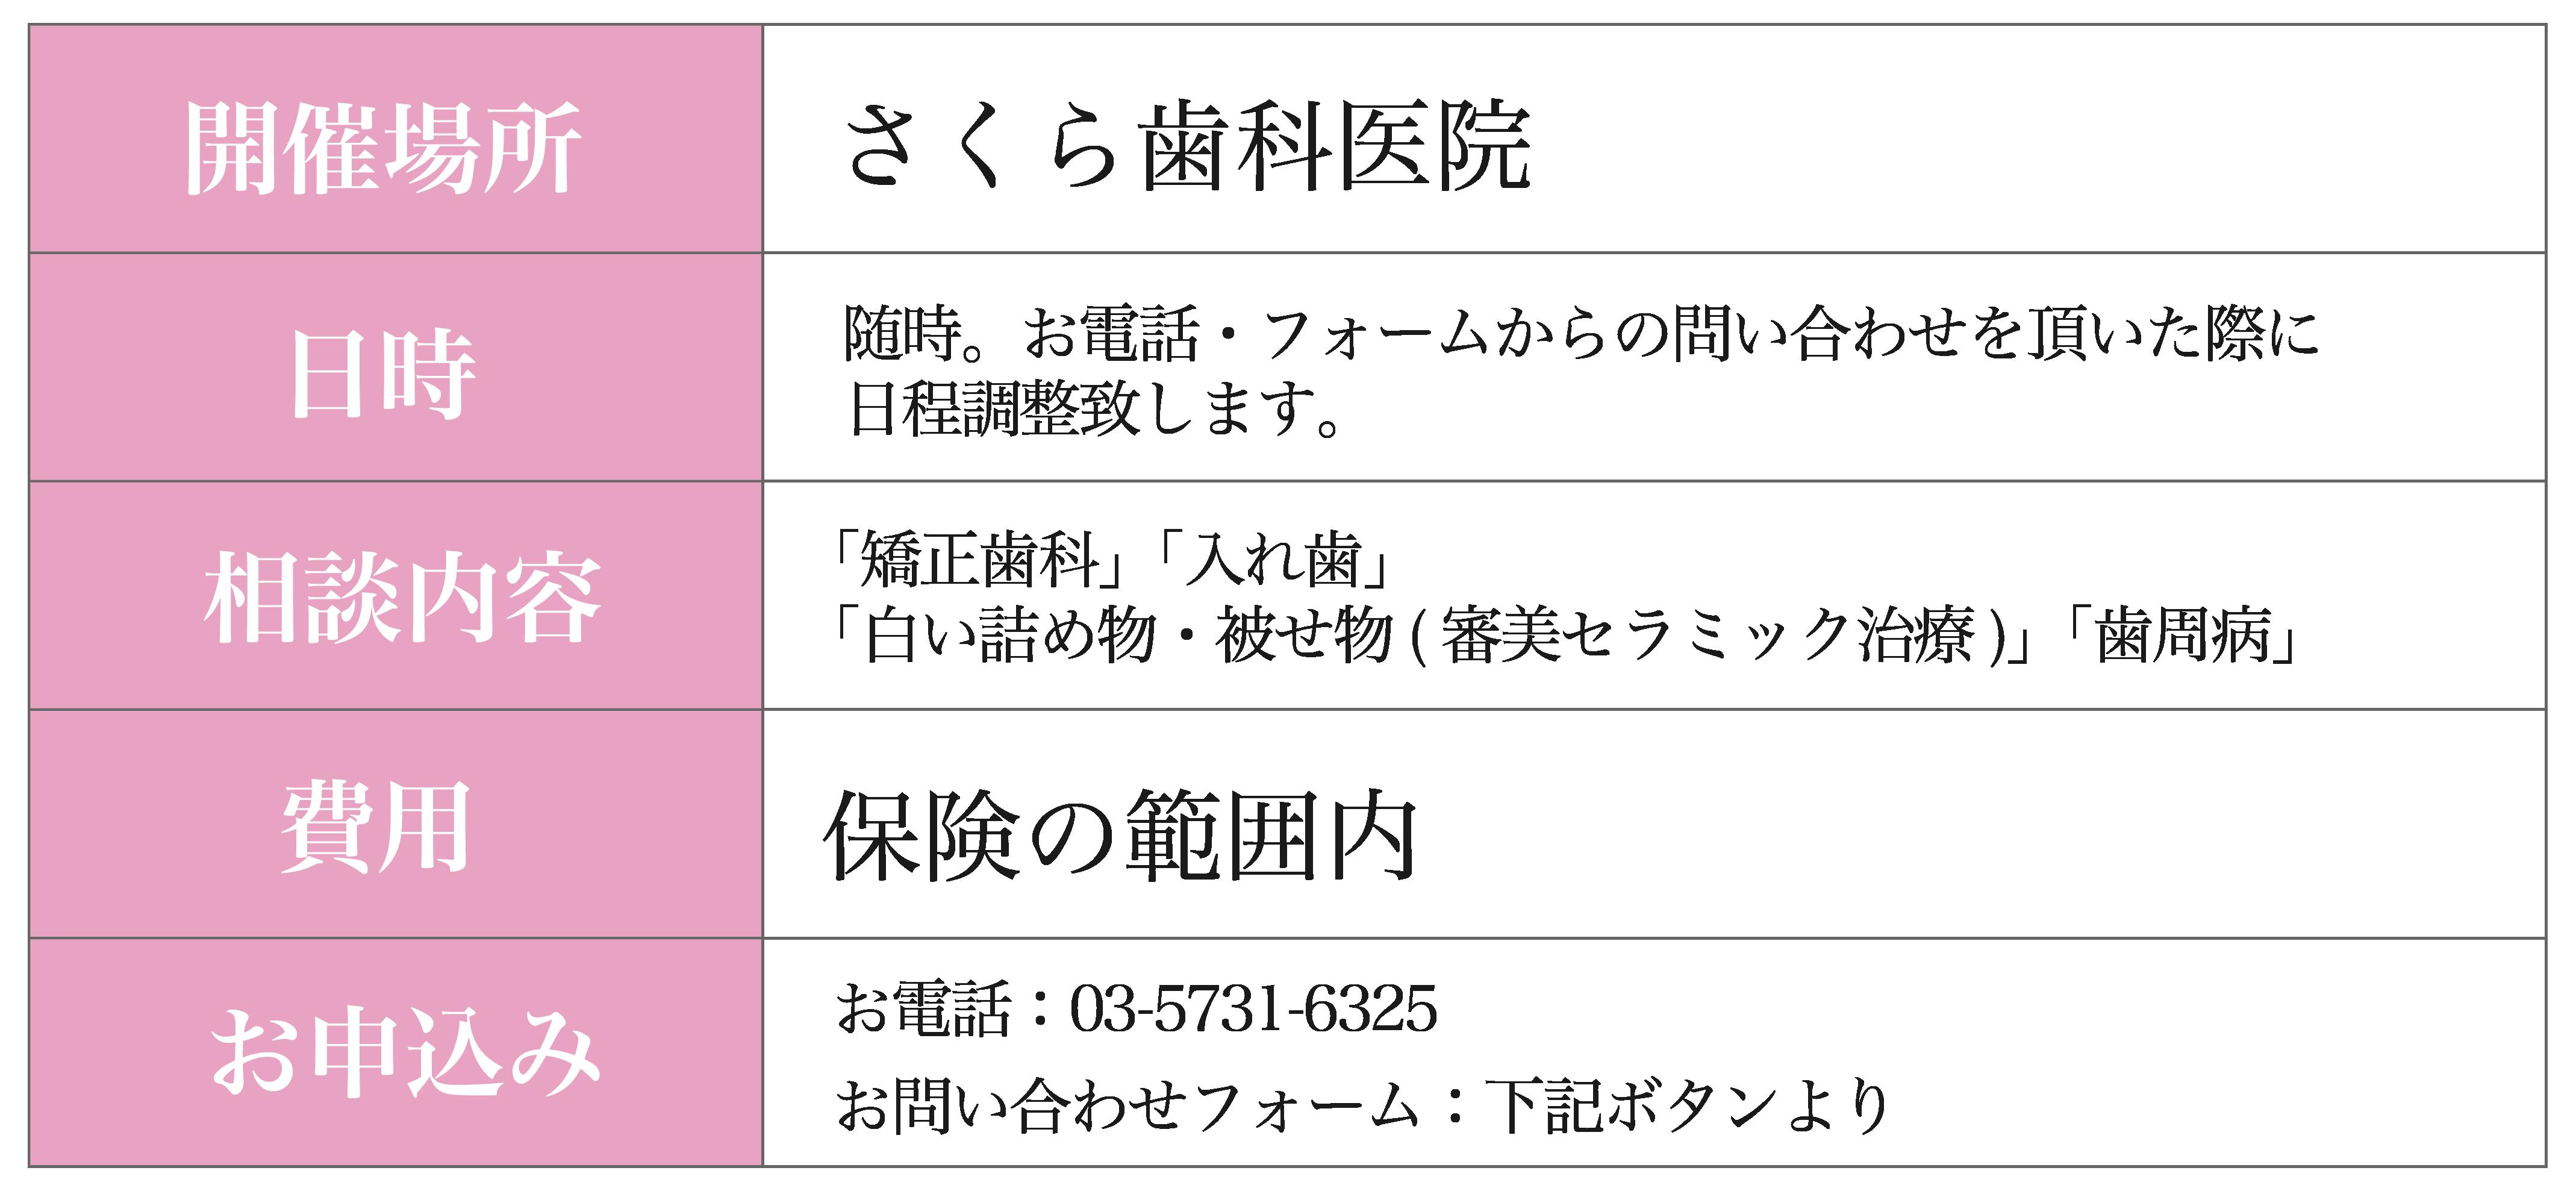 sakura 初診 表 アートボード 1 - お問い合わせ02